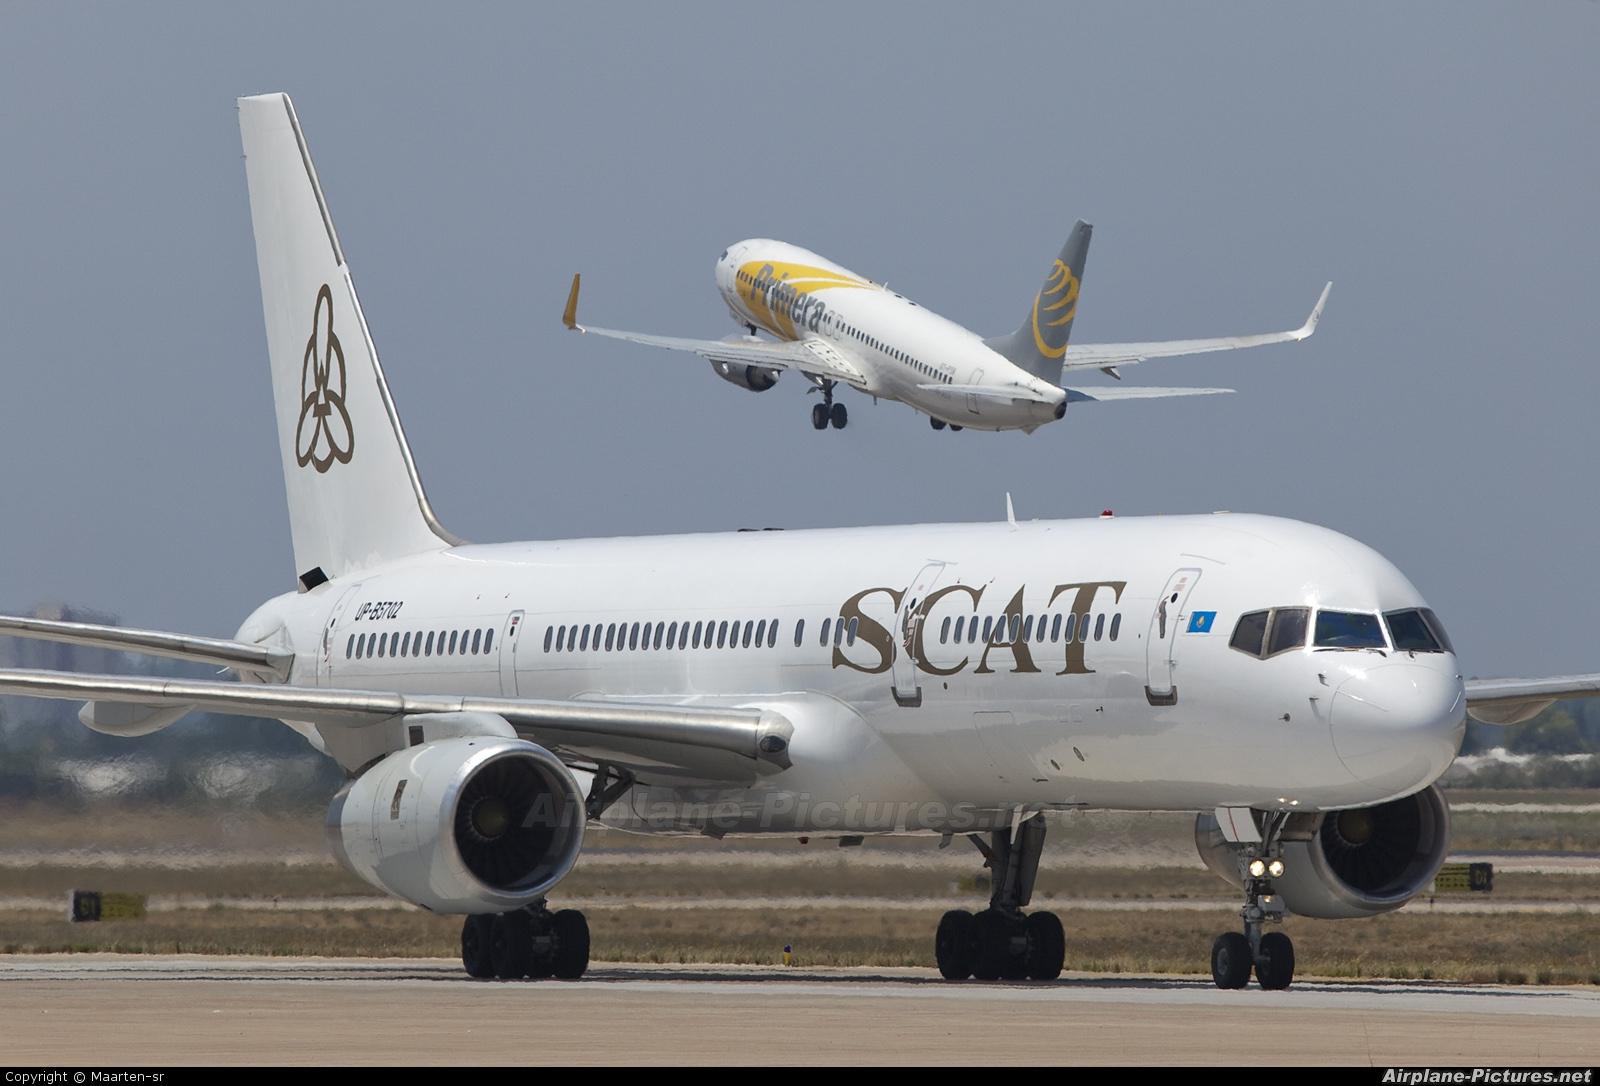 Մայիսի 31-ից մեկնարկում է Երևան-Աստանա ավիաչվերթը